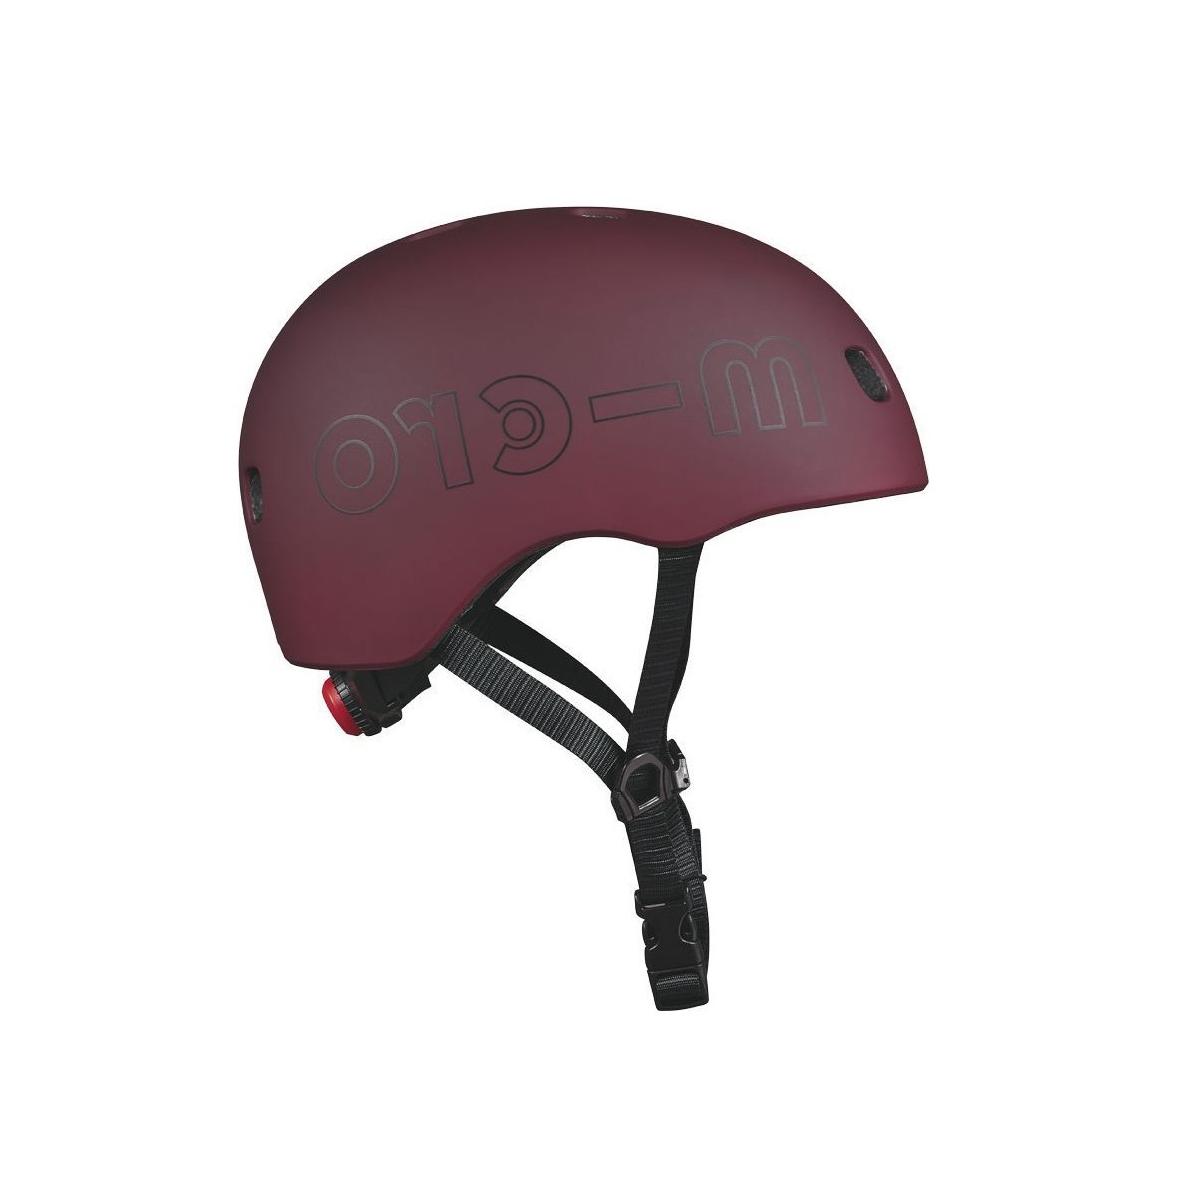 Micro - Mobility Casque Rouge Automne lumière LED intégrée Taille M